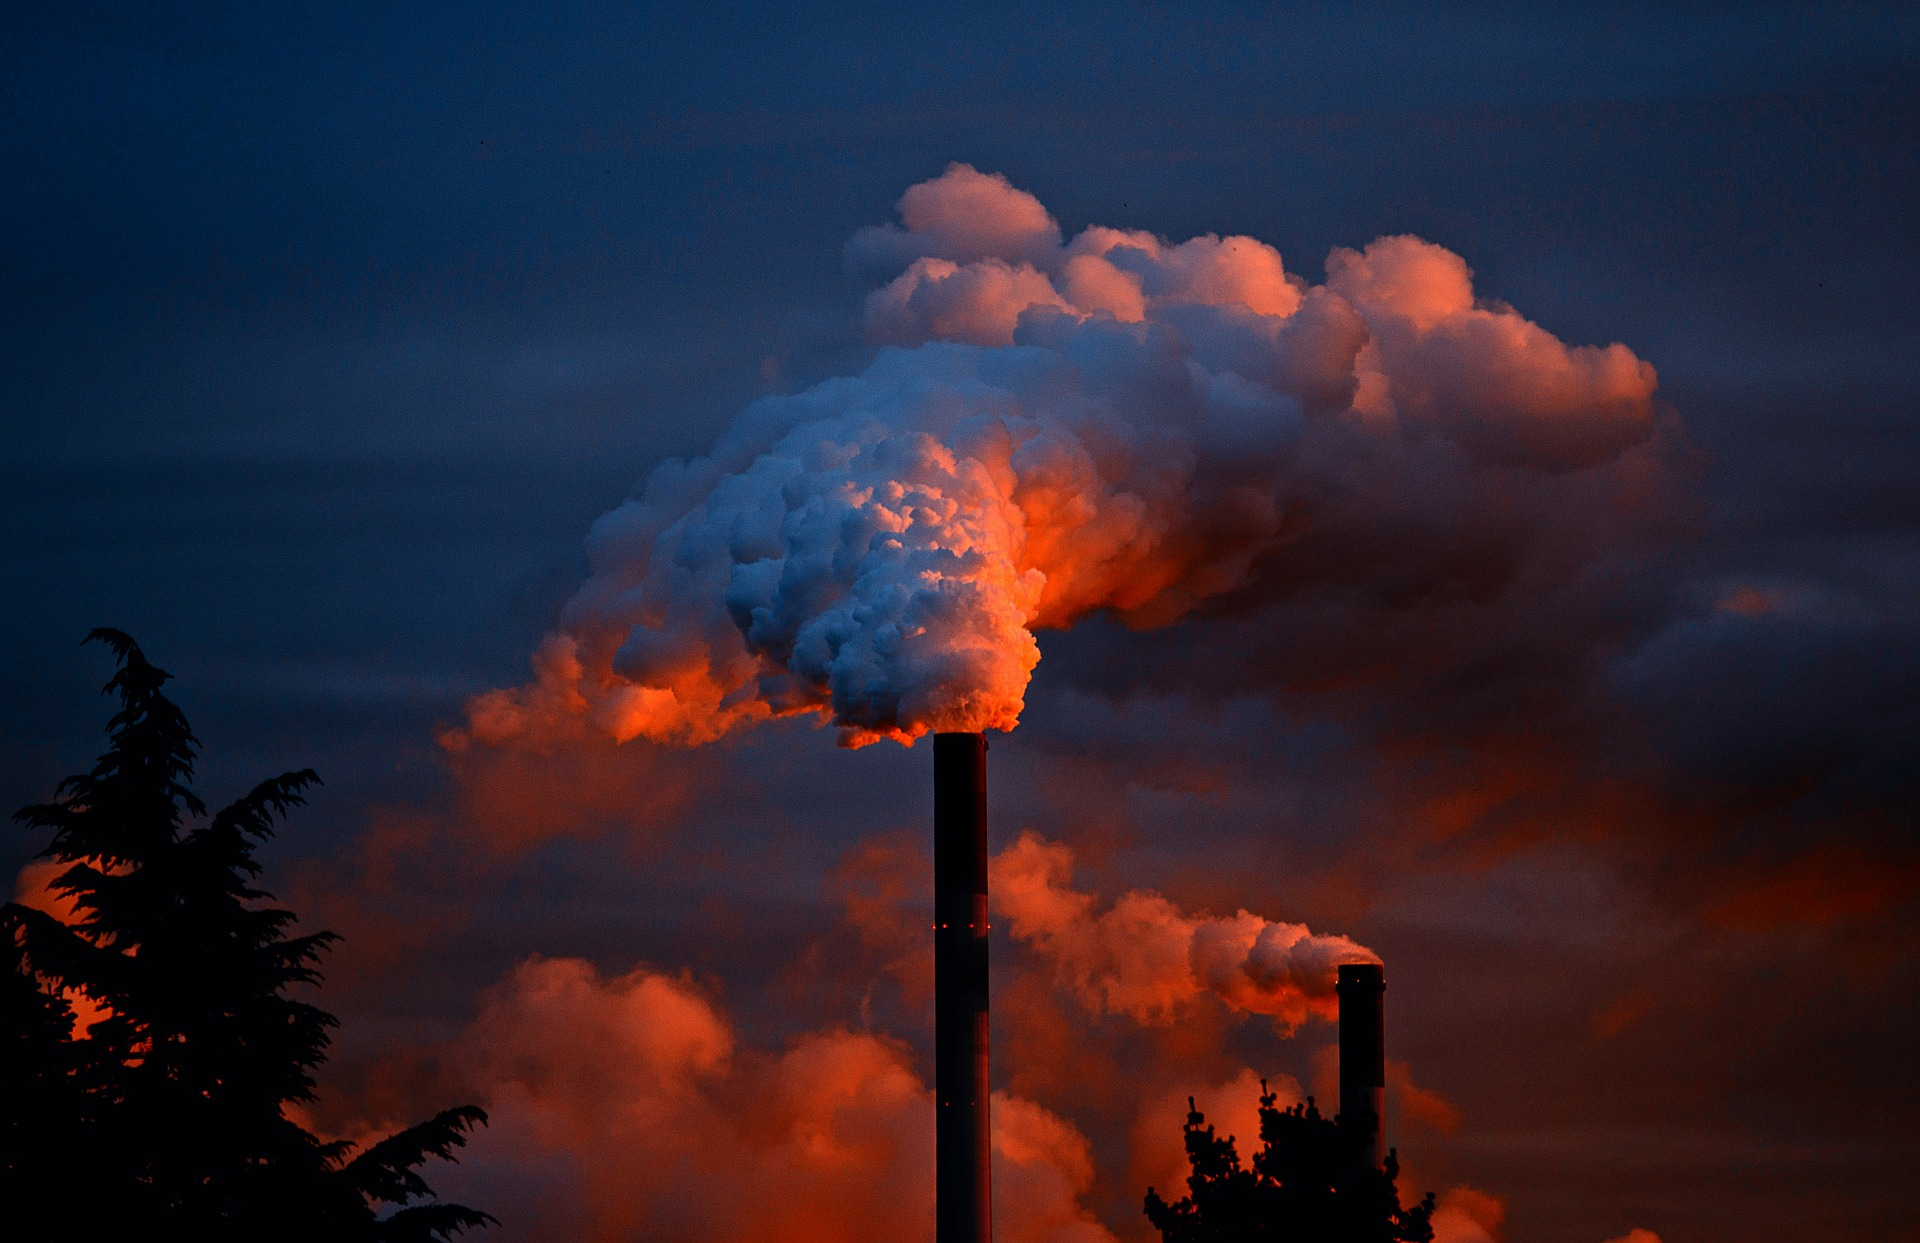 Izvješće američke vlade kaže da klimatske promjene štete gospodarstvu